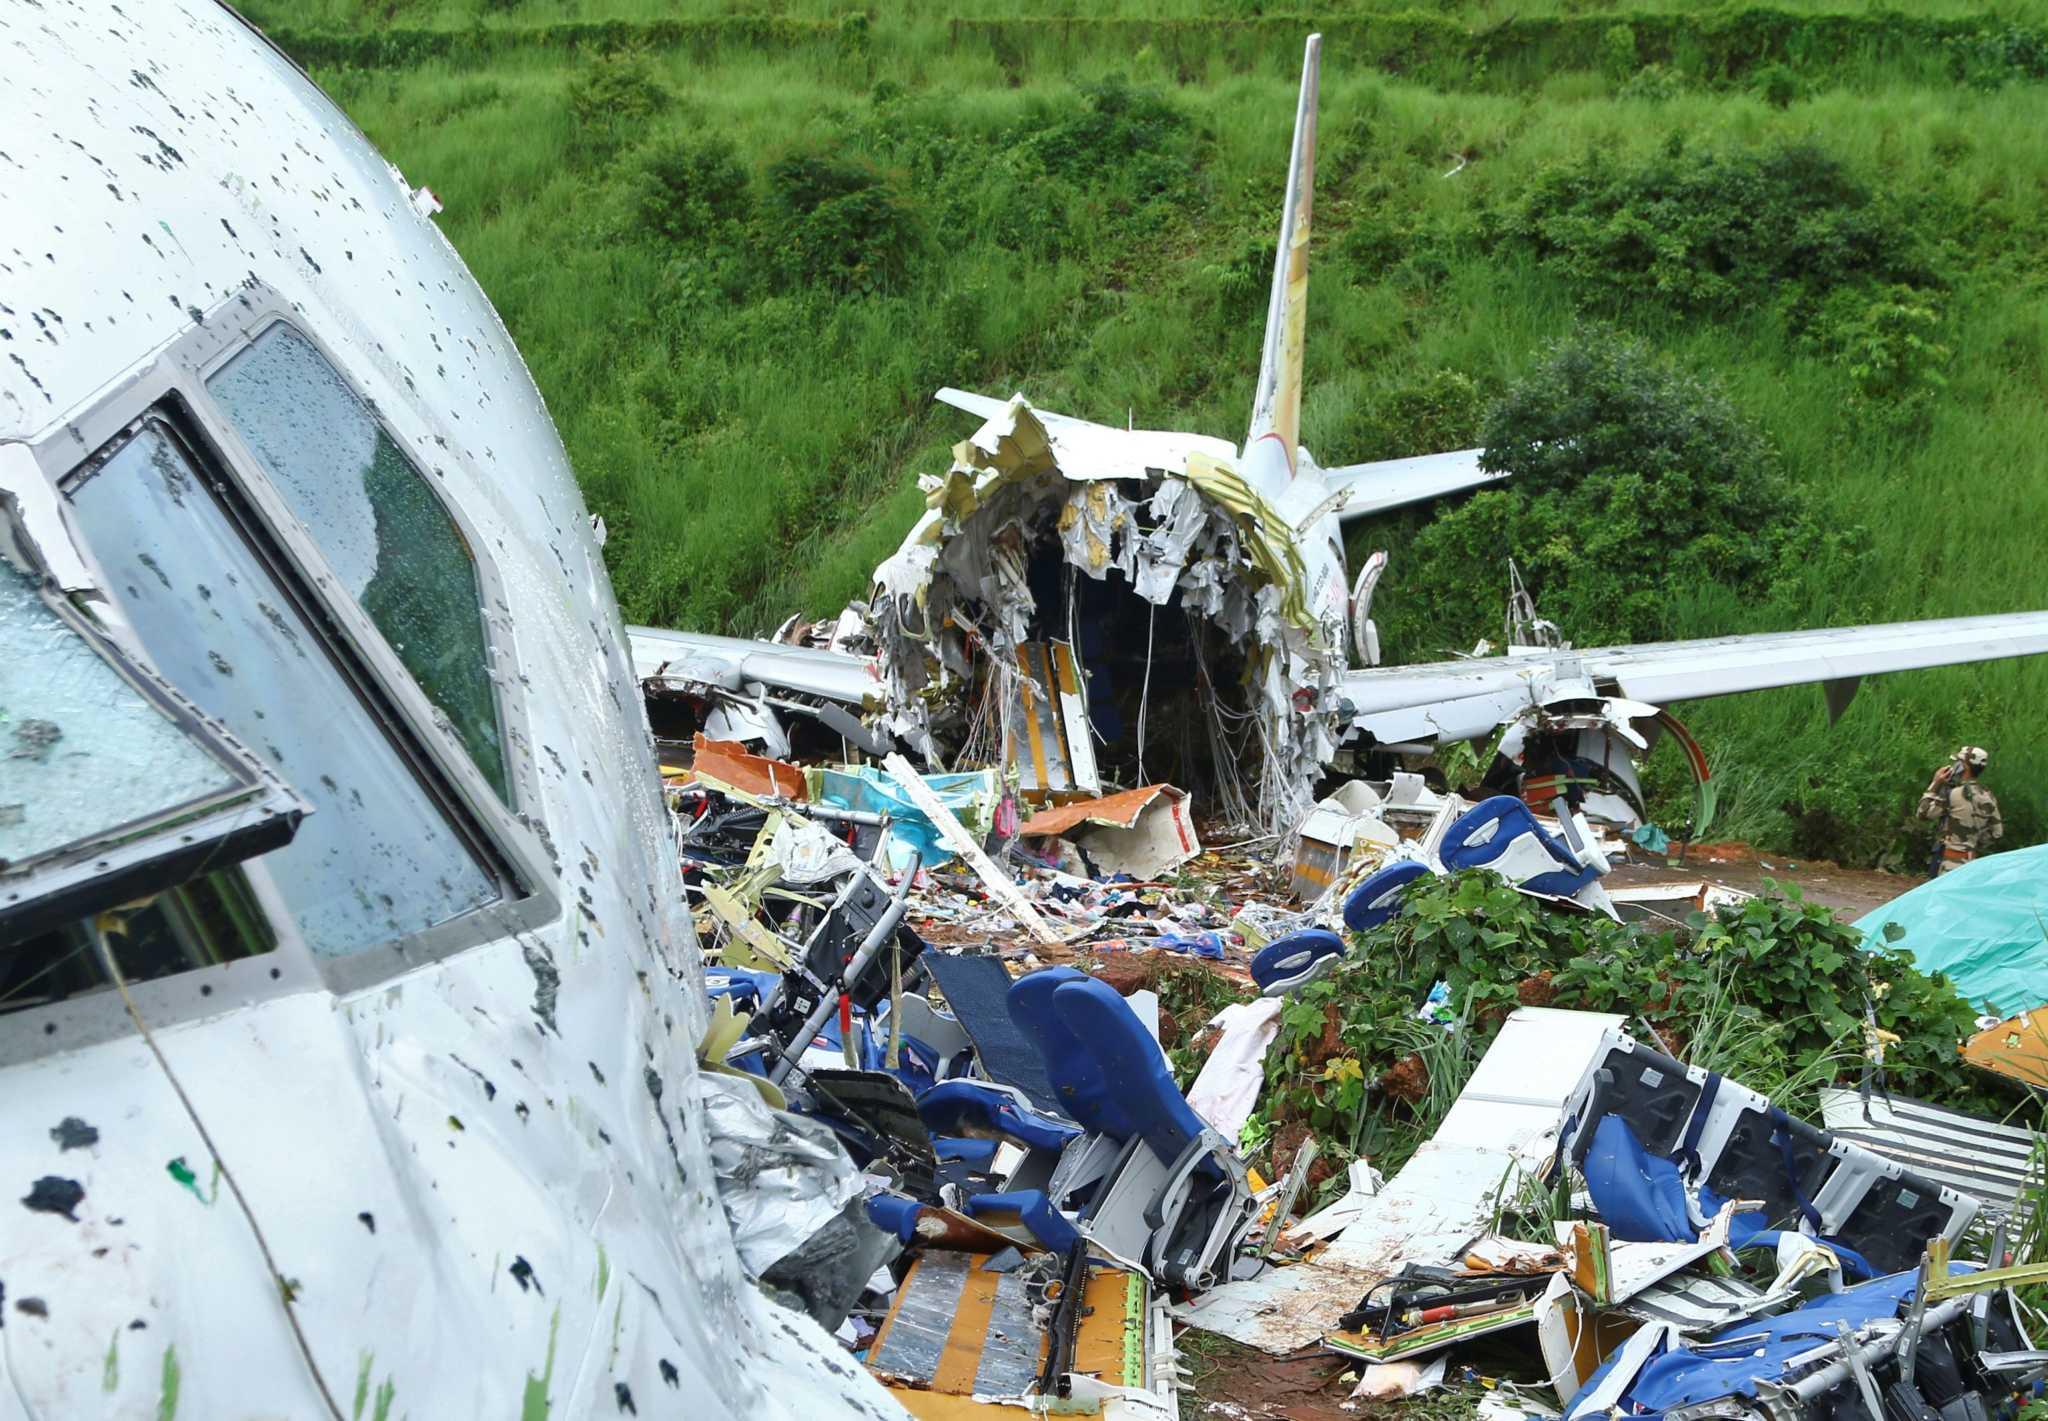 Ινδία: Στους 18 οι νεκροί από το αεροπορικό δυστύχημα, Ινδία: Στους 18 οι νεκροί από το αεροπορικό δυστύχημα – Σοκαριστικές εικόνες, Eviathema.gr | Εύβοια Τοπ Νέα Ειδήσεις